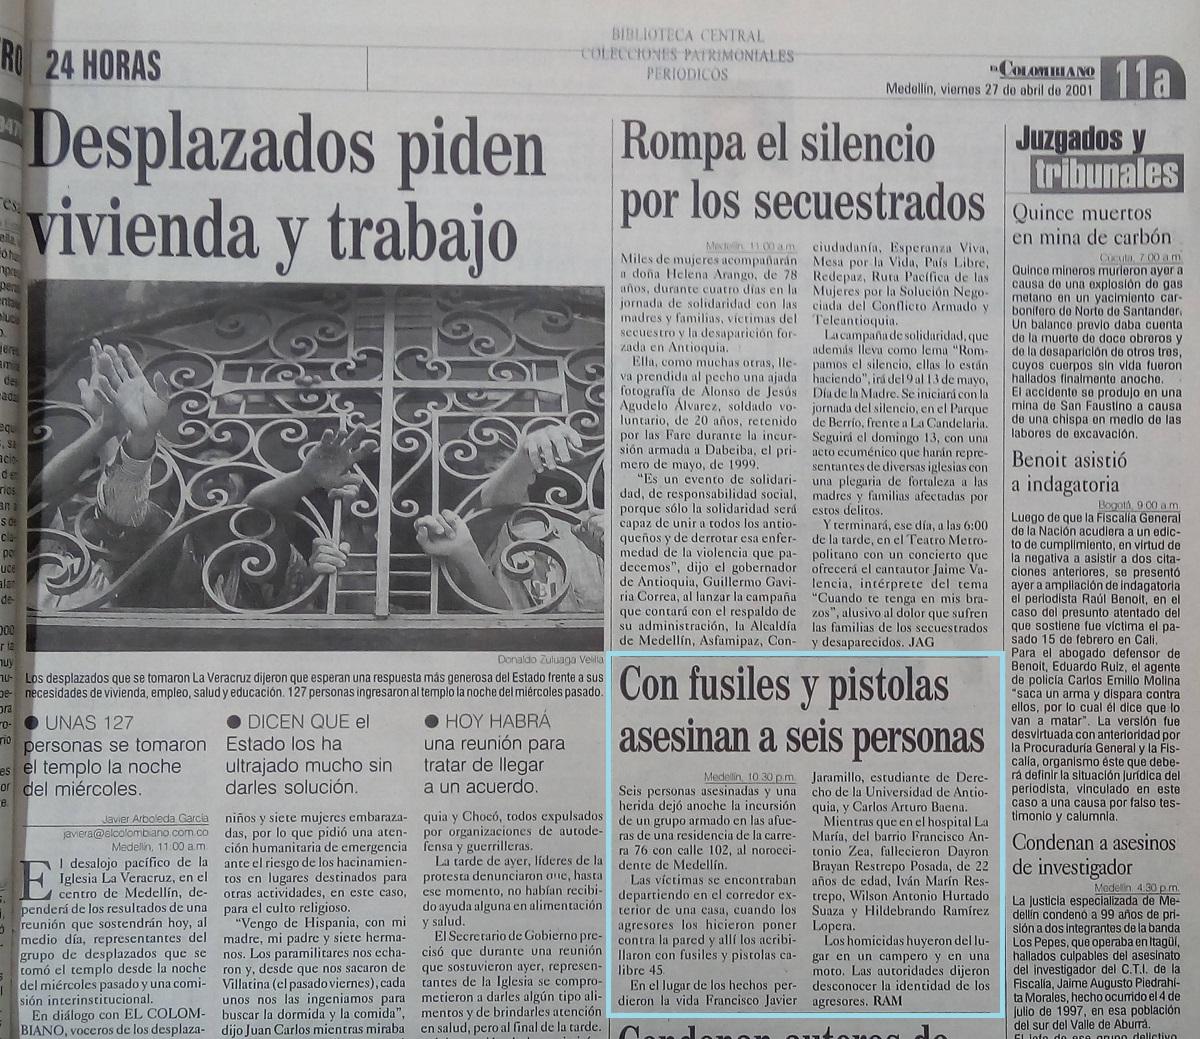 Fotografía tomada de la edición del 27 de abril del 2001 del periódico El Colombiano